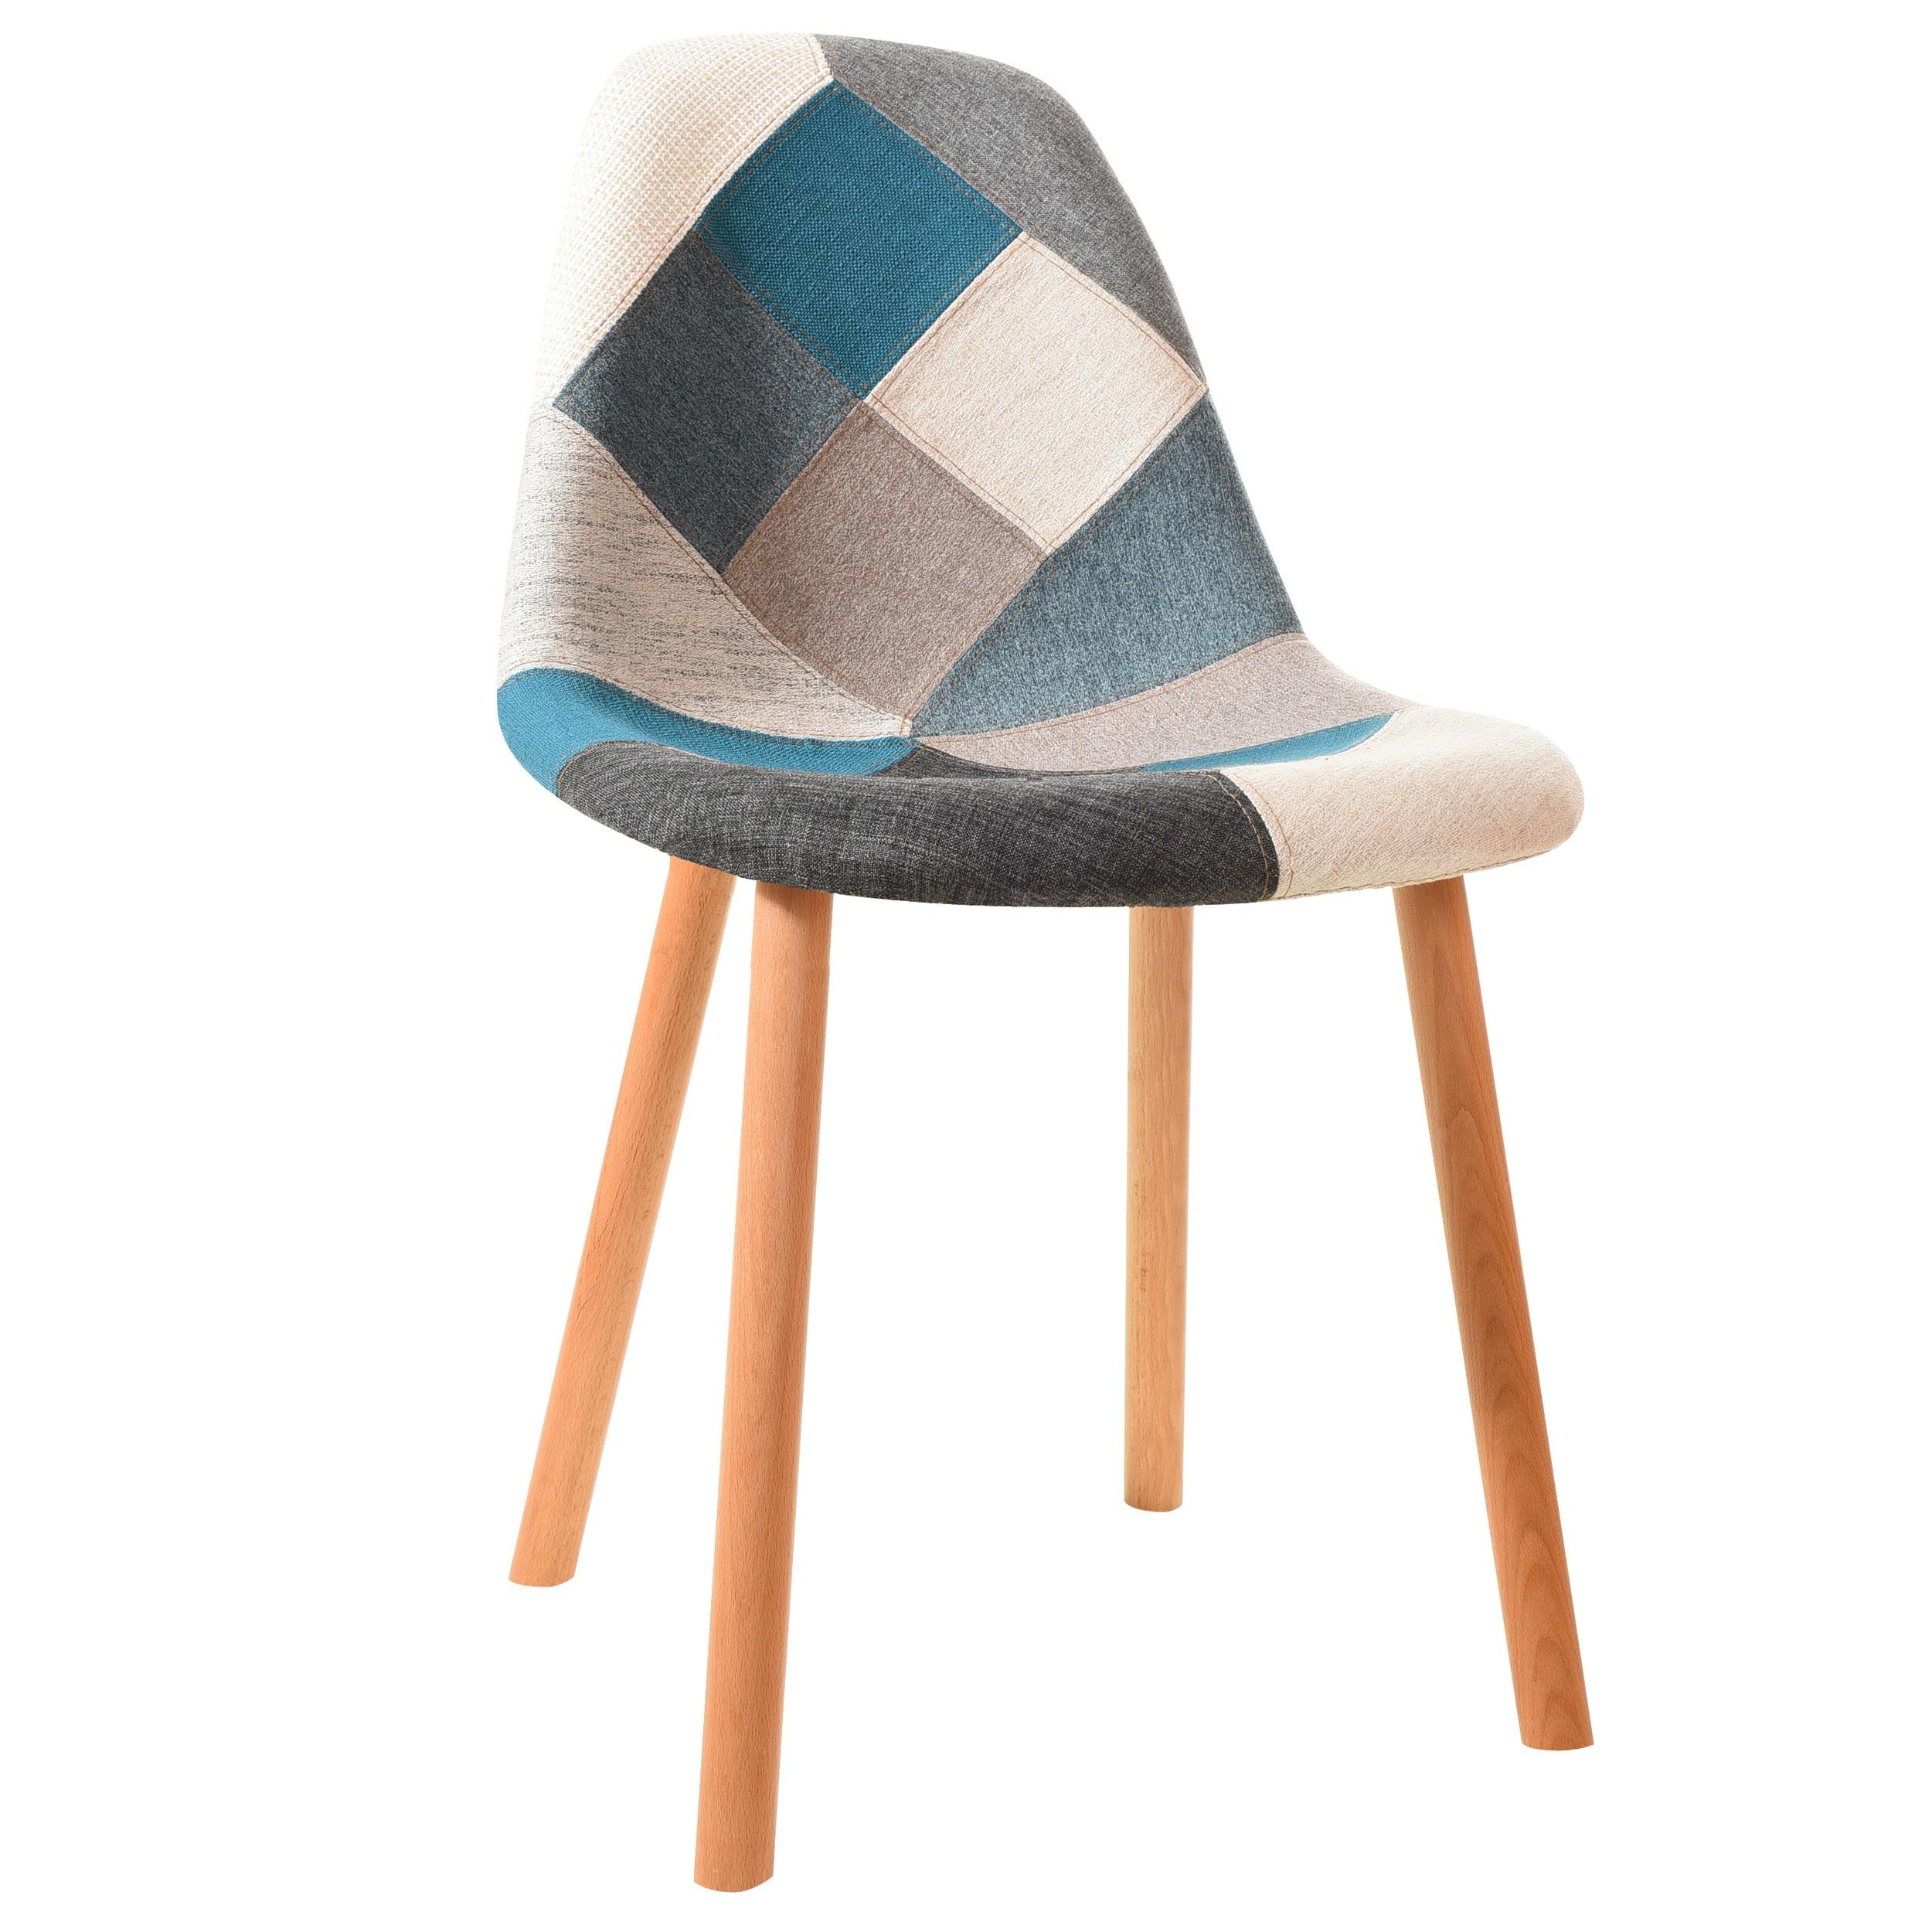 chaise arctik patchwork bleue lot de 2 adoptez nos chaises arctik patchwork bleues lot de 2. Black Bedroom Furniture Sets. Home Design Ideas